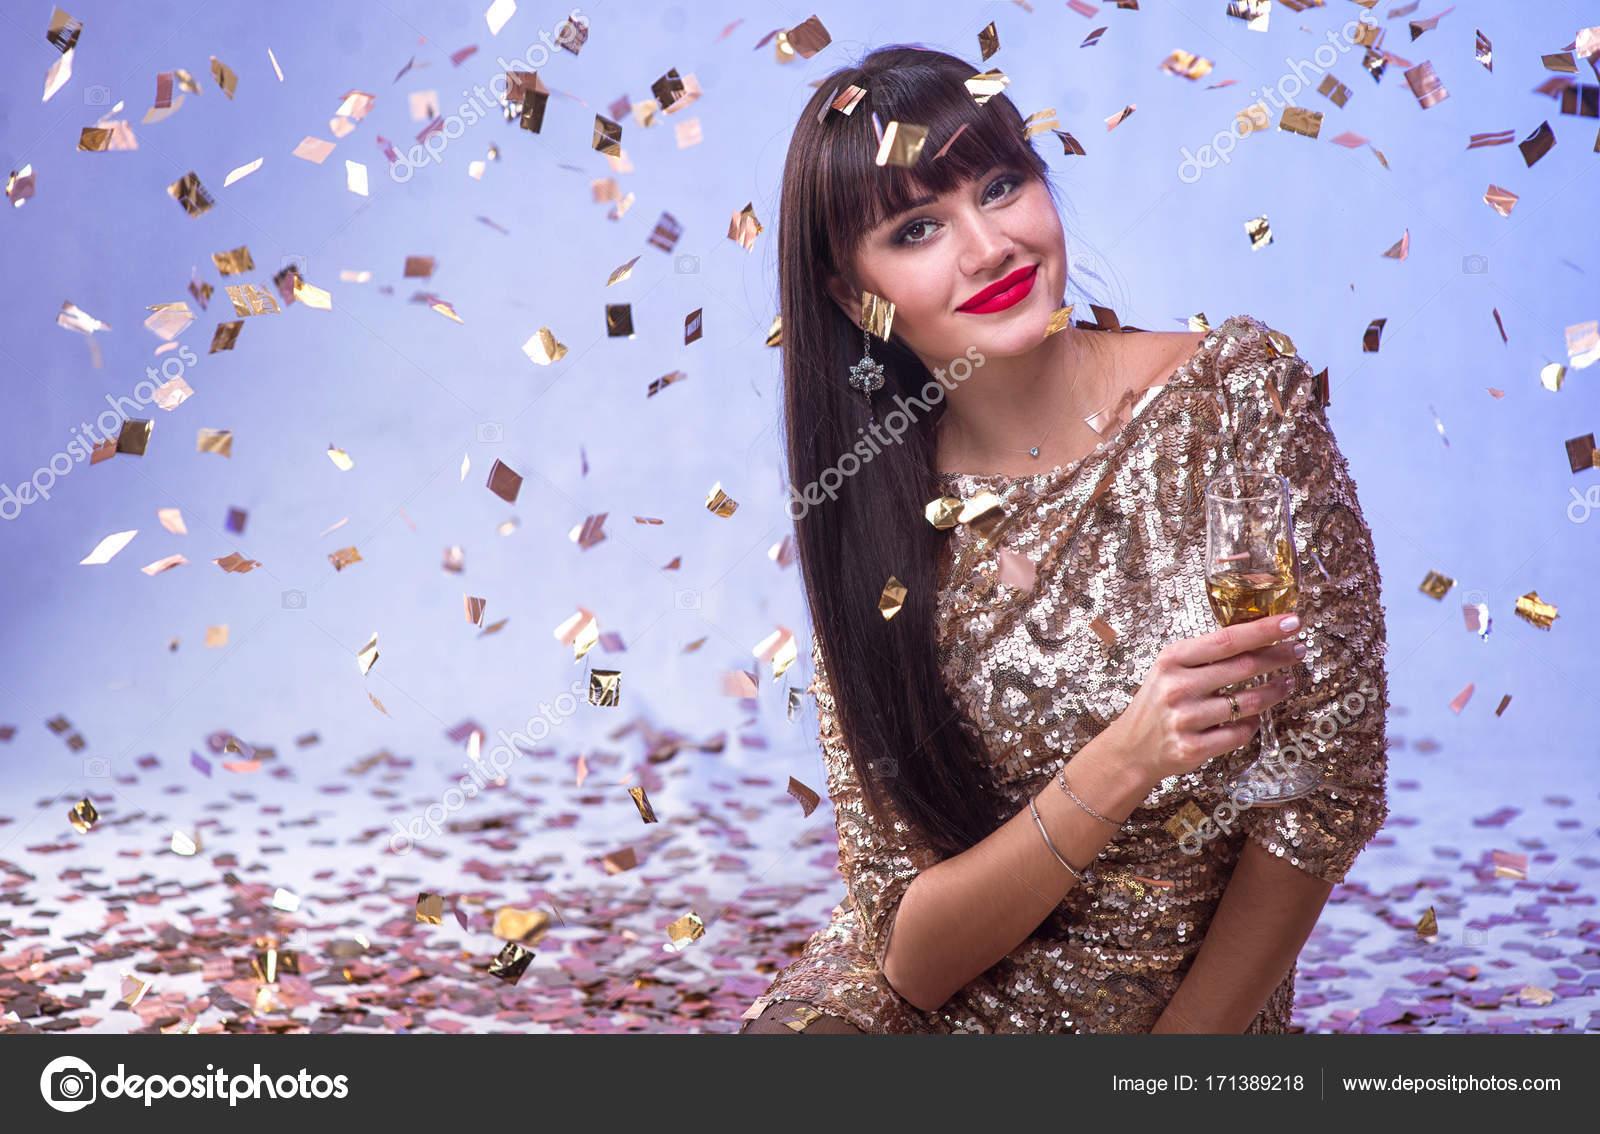 Schone Gluckliche Frau Mit Glas Champagner Bei Feier Party Mit